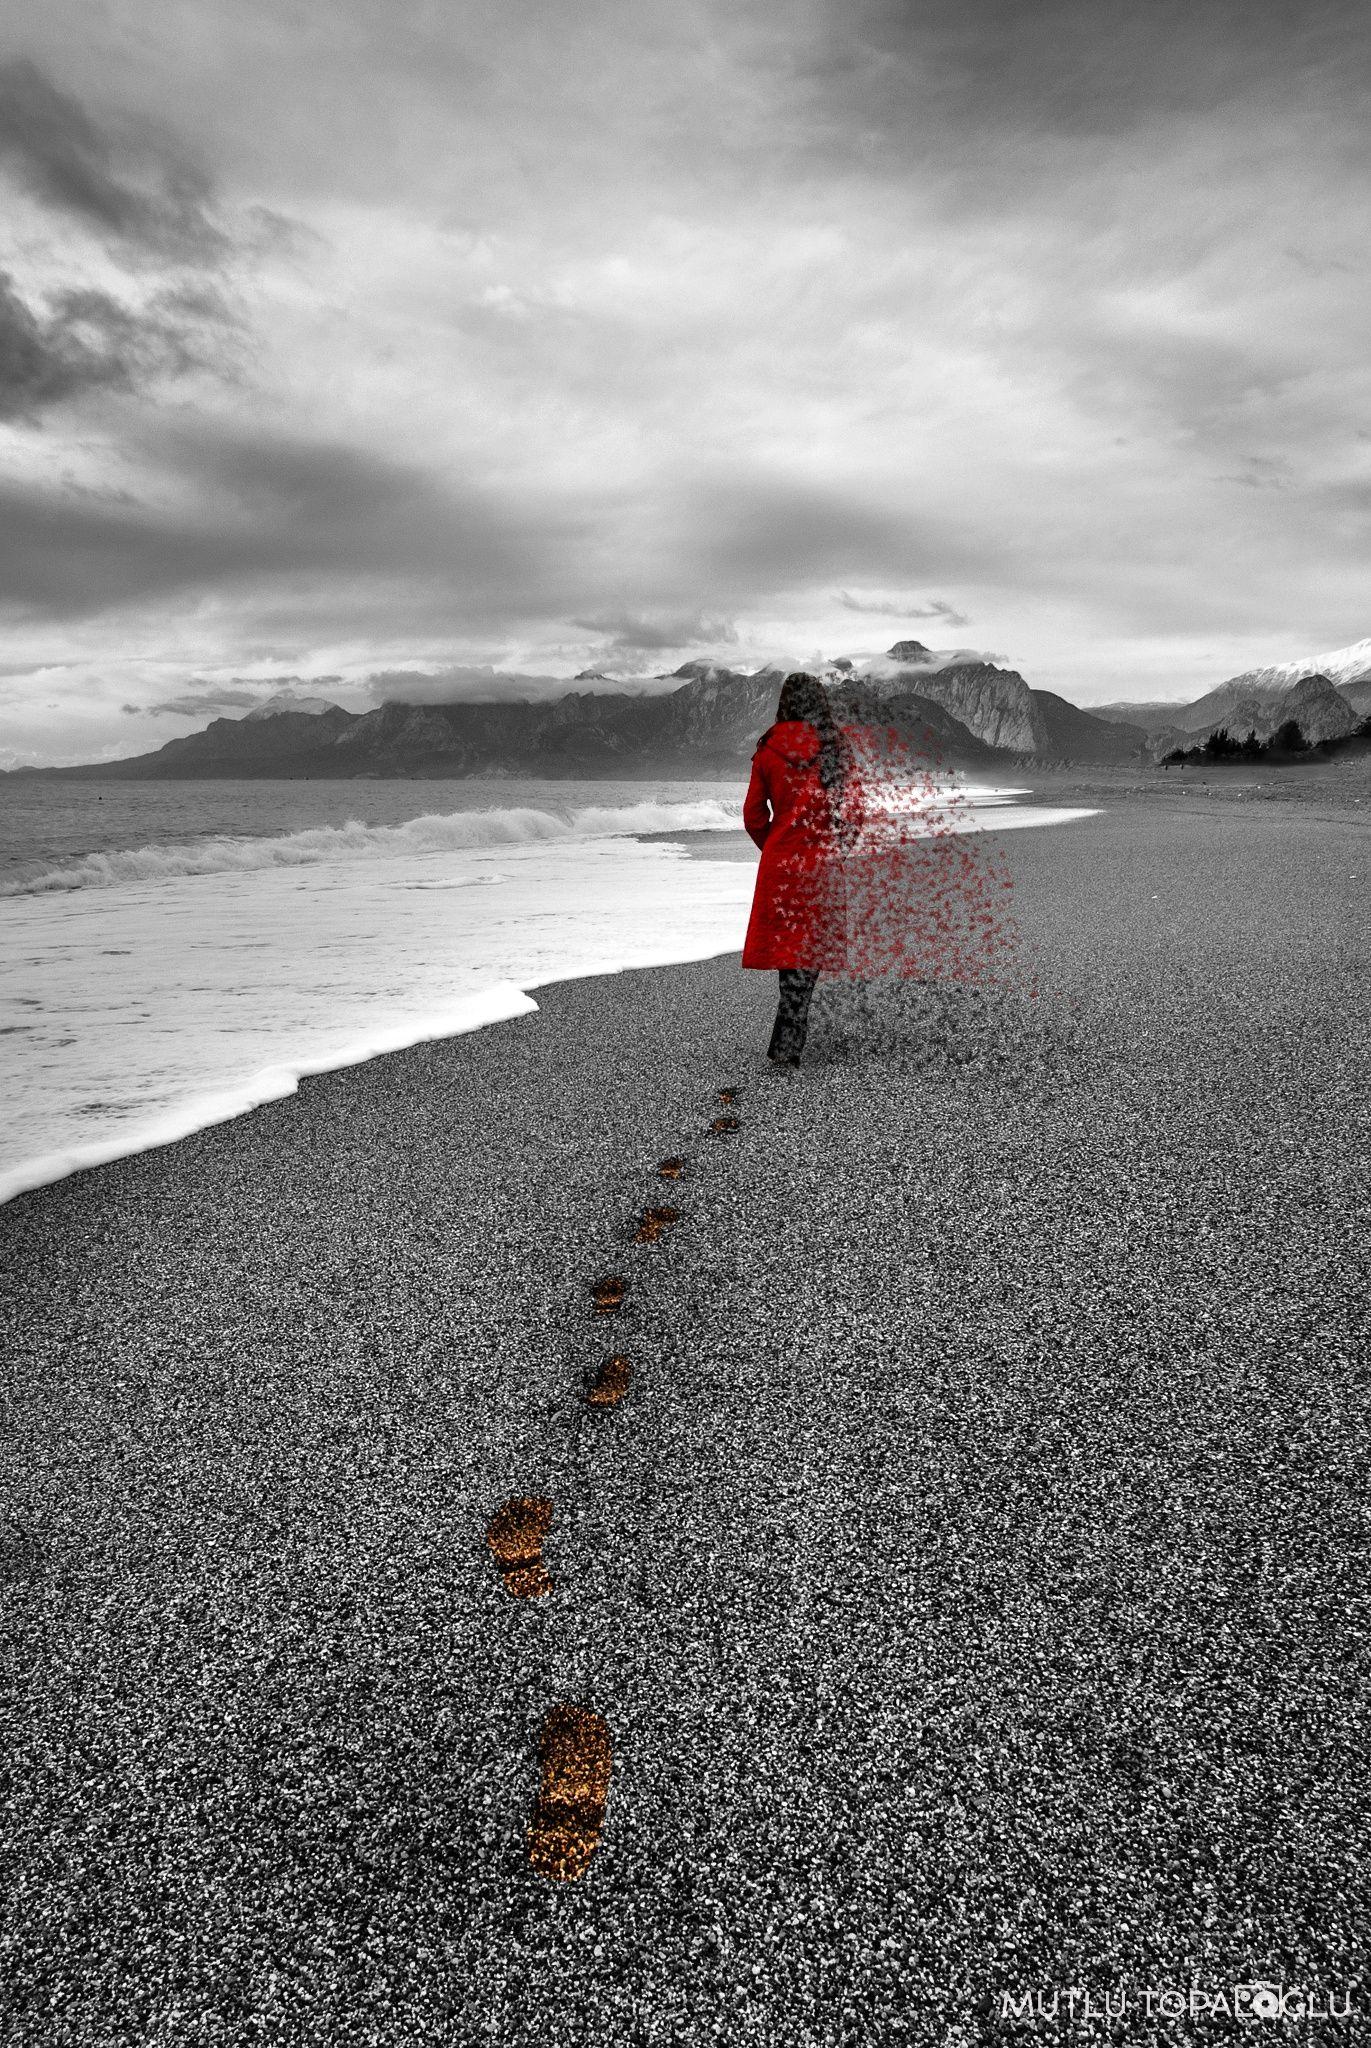 Evanescence By Mutlu Topaloglu On 500px Concepts Pinterest